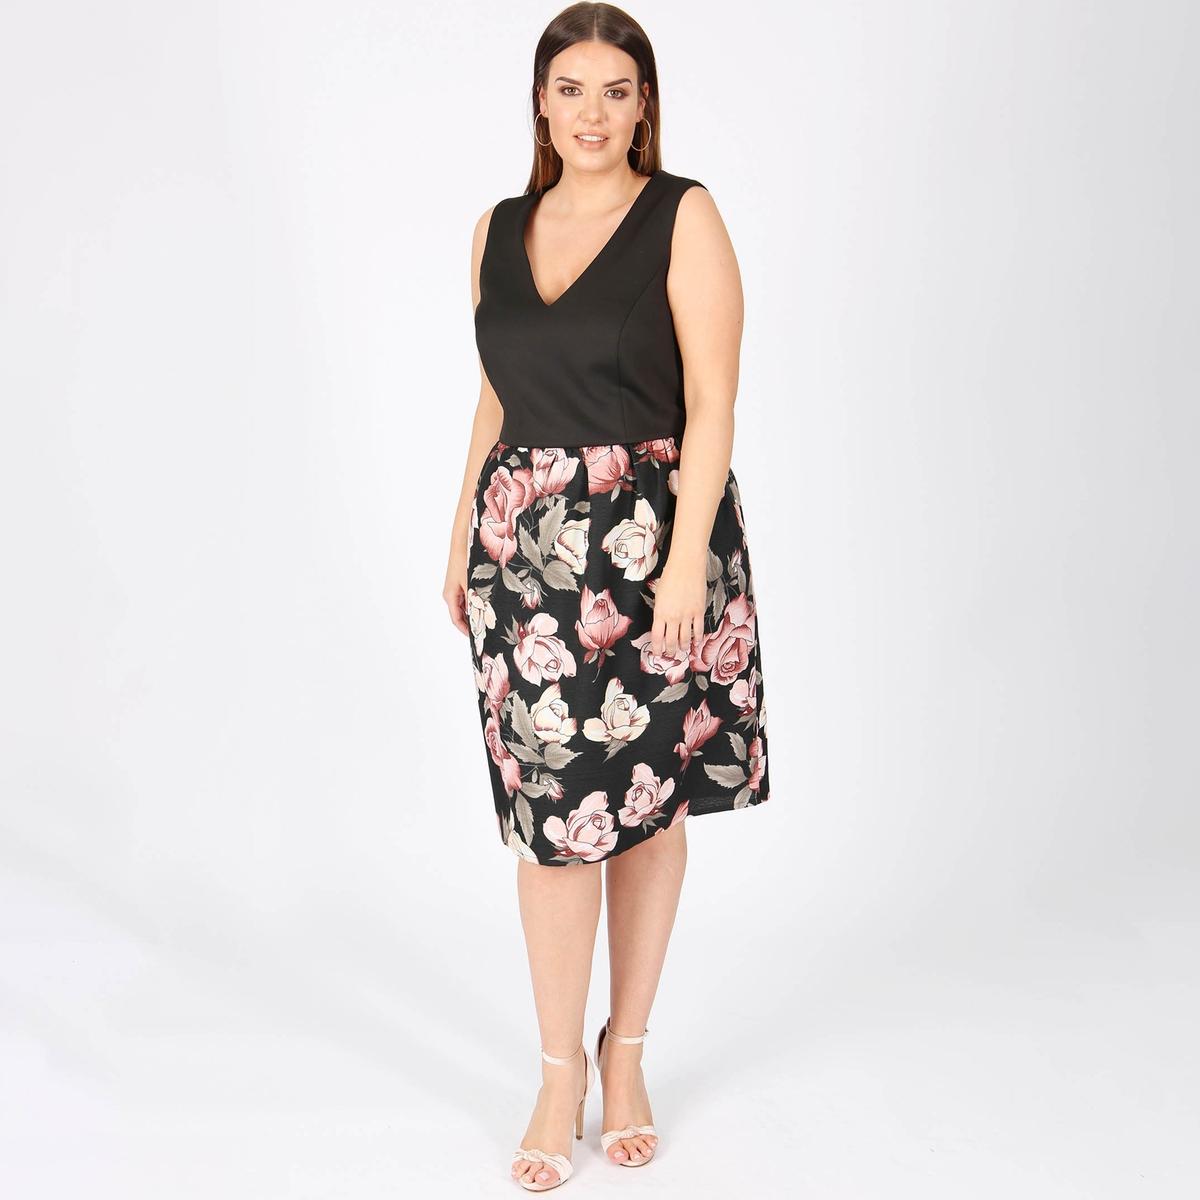 Платье без рукавов с цветочным принтом из двух материалов printio платье без рукавов